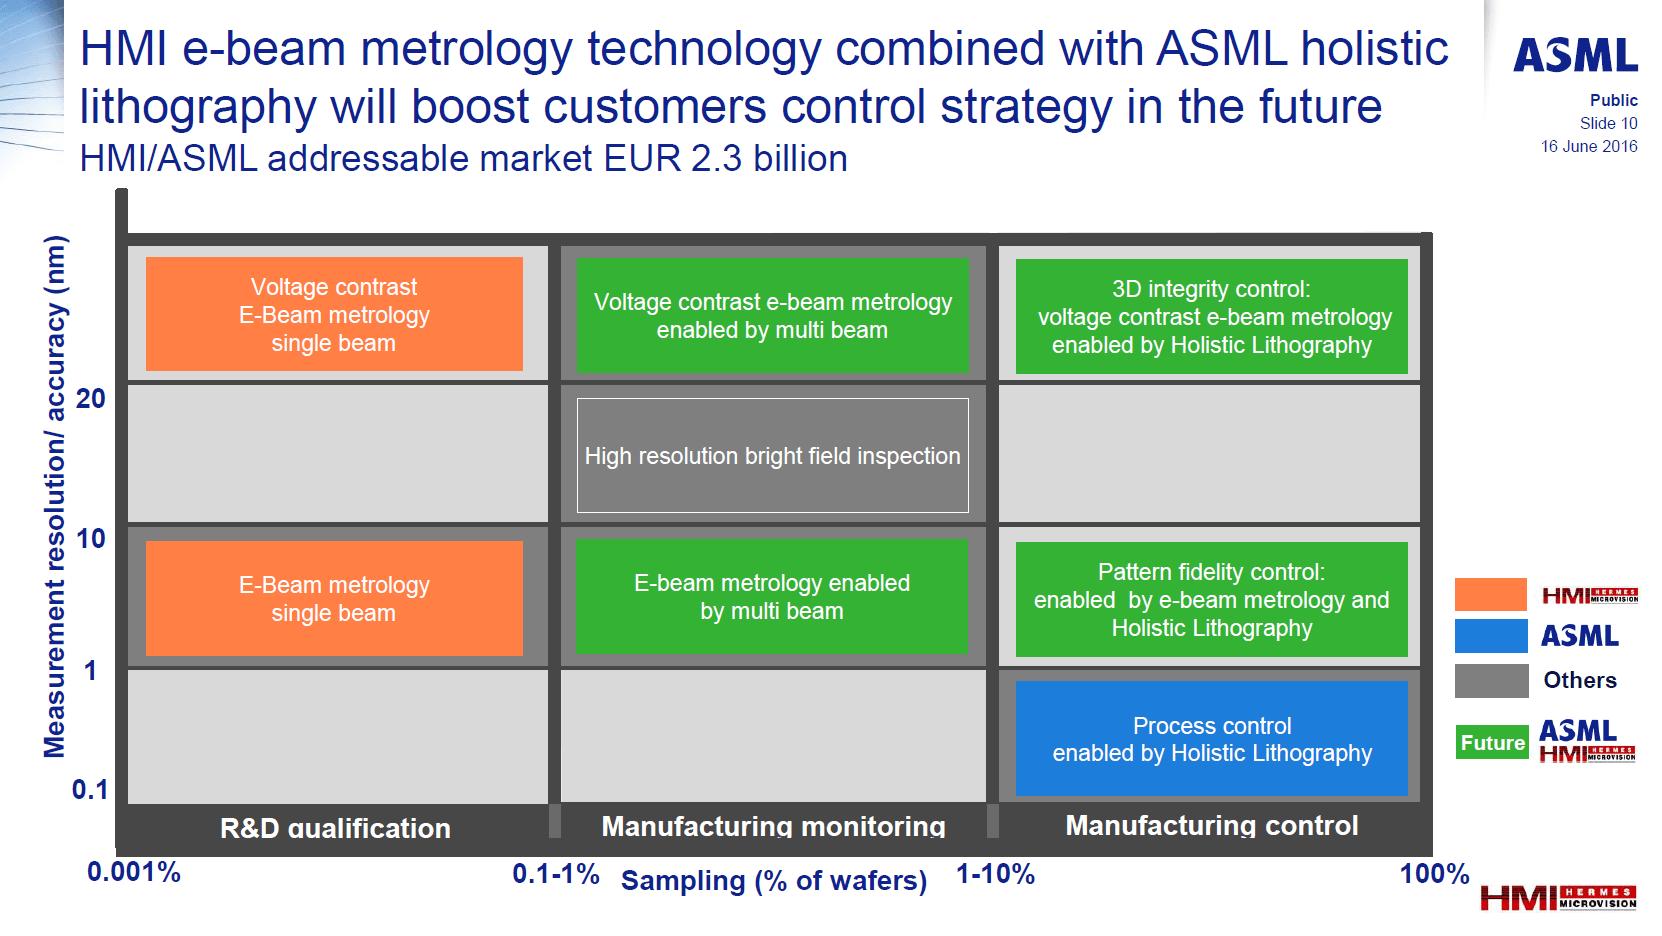 ASML kauft Experten HMI für Analyse von Wafern